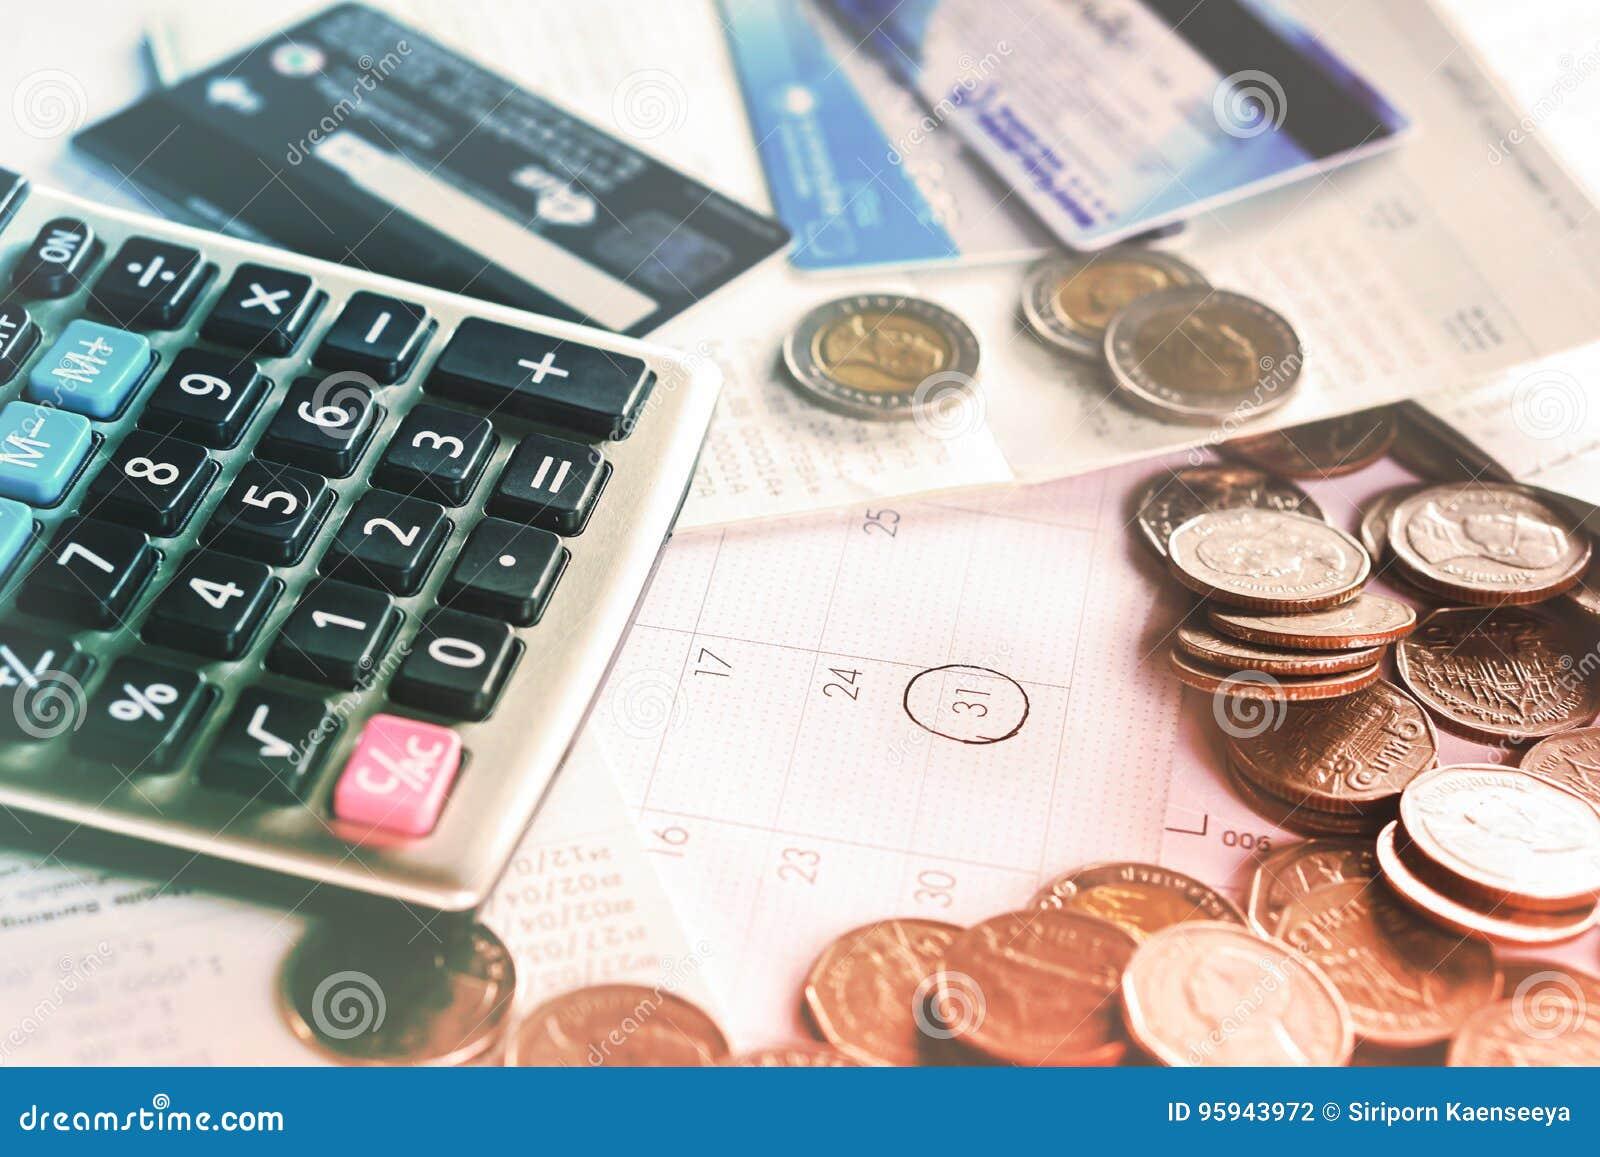 Concept d affaires avec des pièces de monnaie, calendrier de date-butoir, calculatrice, carte de crédit